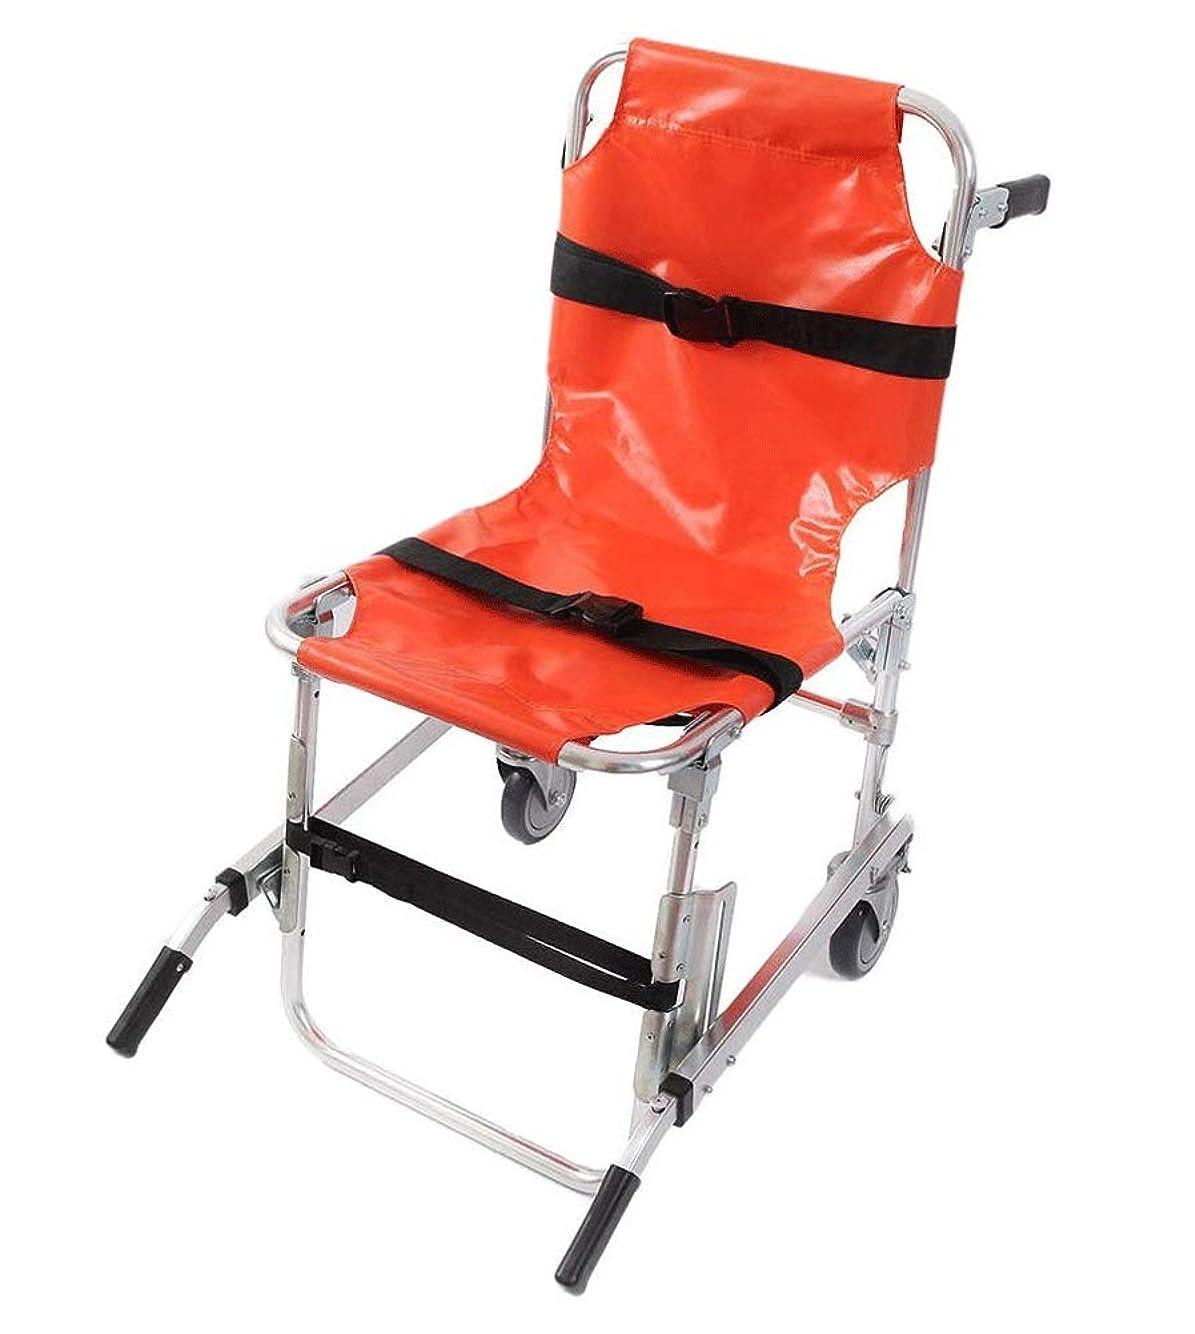 ロードされたどういたしまして省略患者拘束ストラップ付き車いすアルミ製軽量ホイール2折りたたみ医療交通椅子、350ポンドの容量をクライミングEMS階段椅子、階段